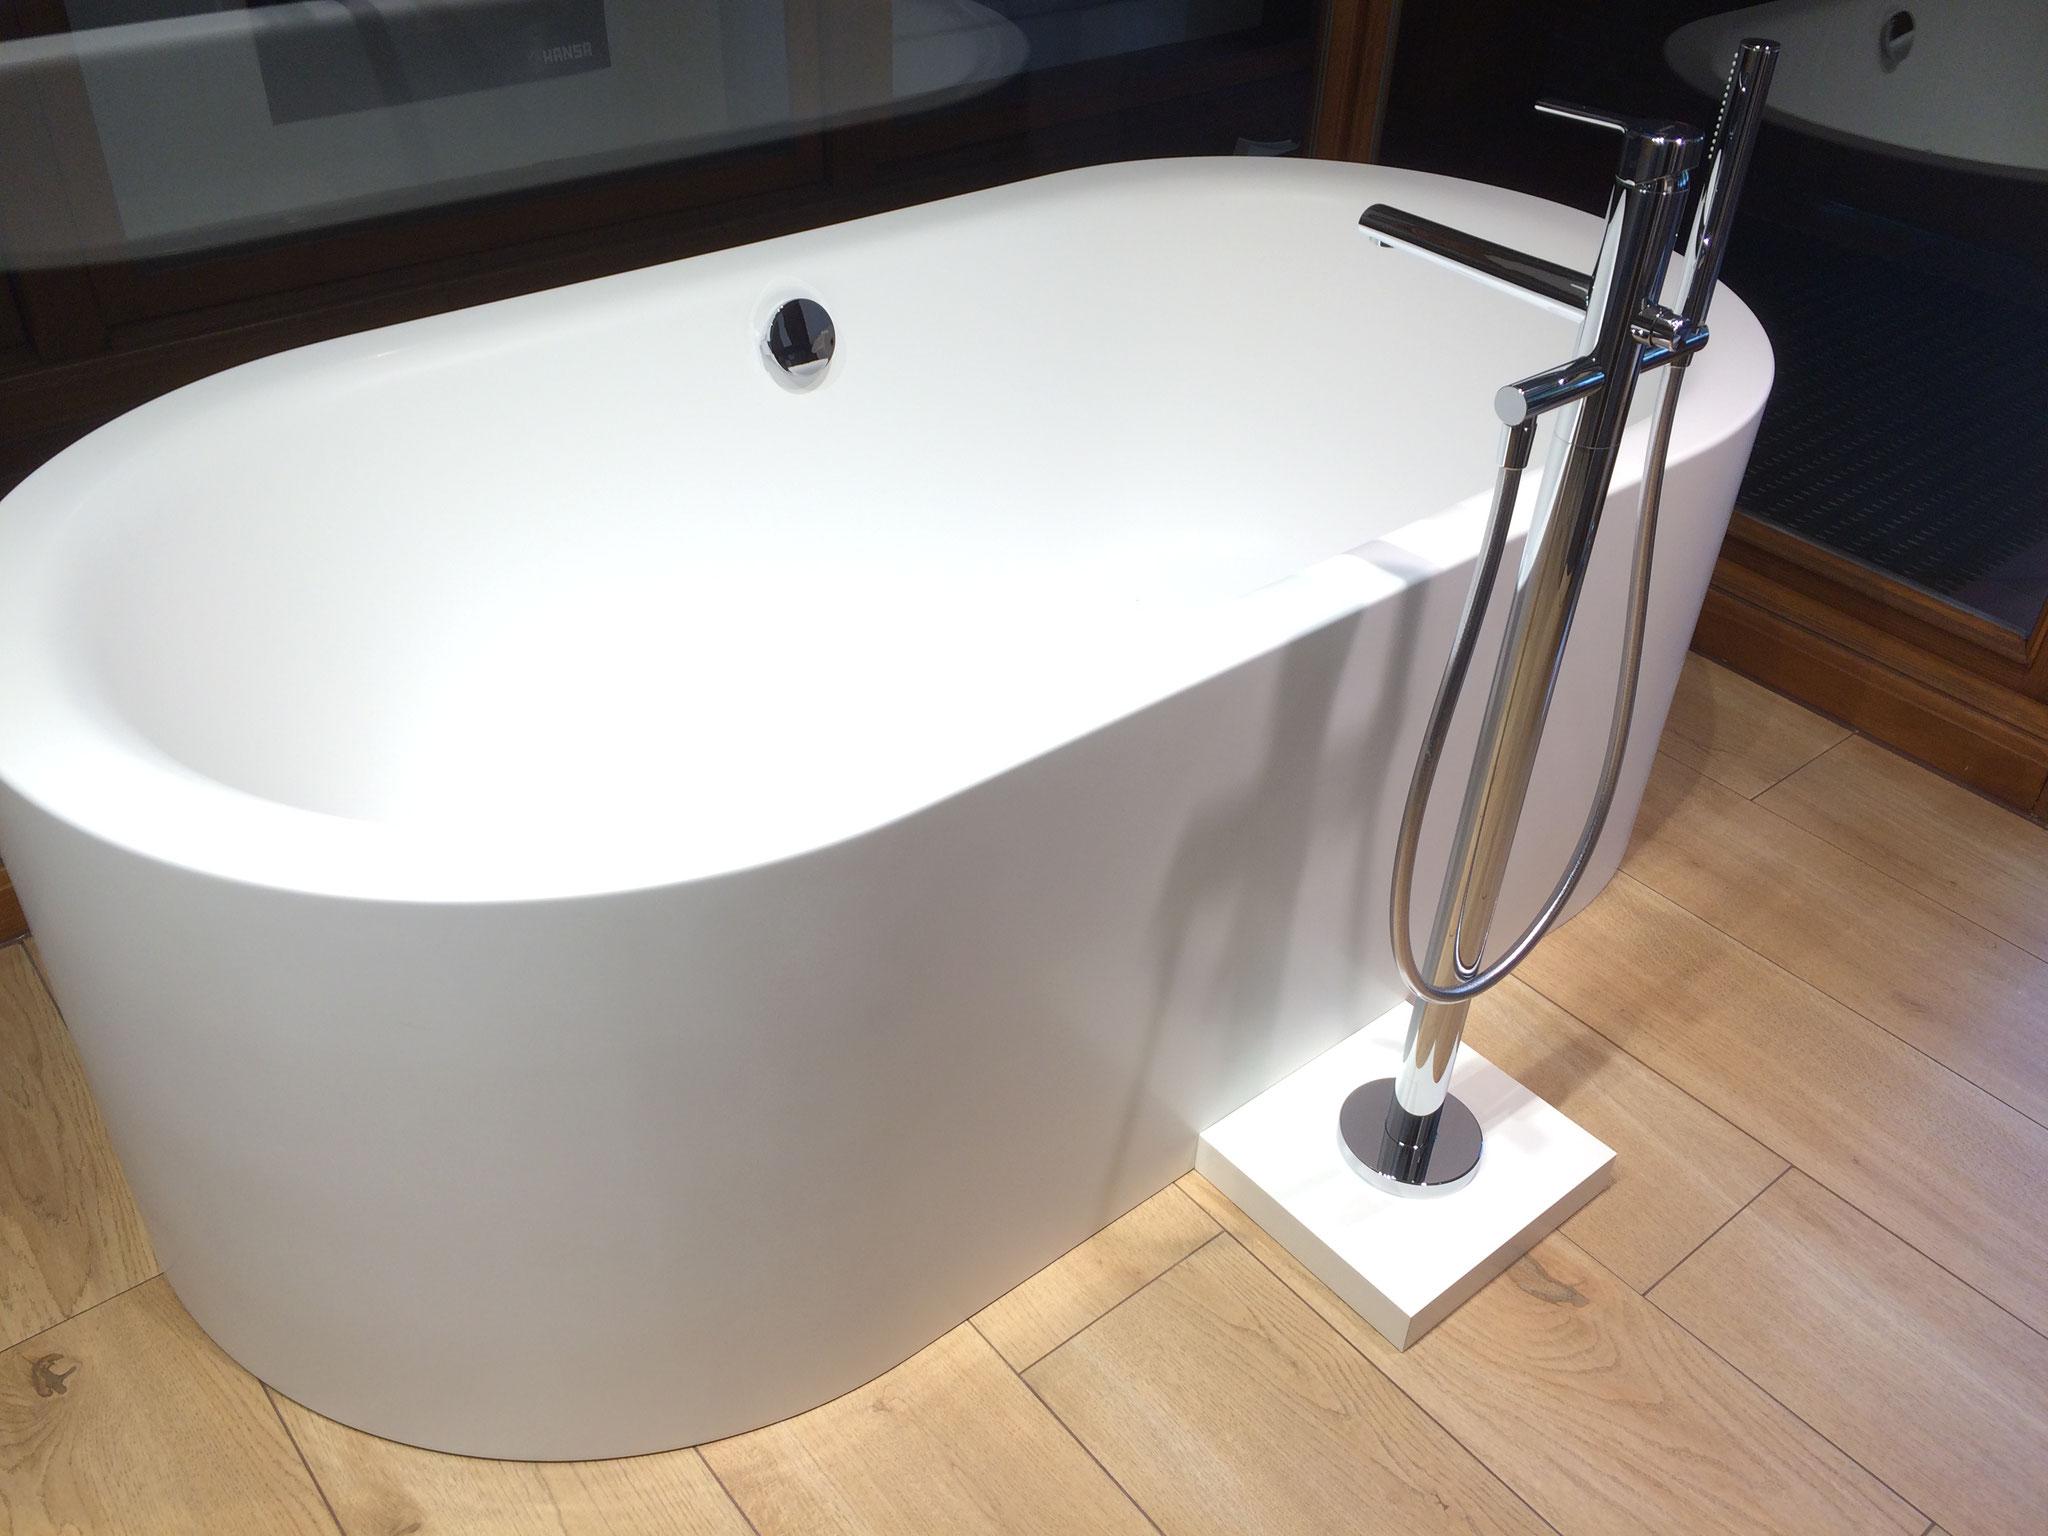 Badewanne Lang Badewanne Wanne Eckbadewanne Acryl 150x 90 Cm Füße